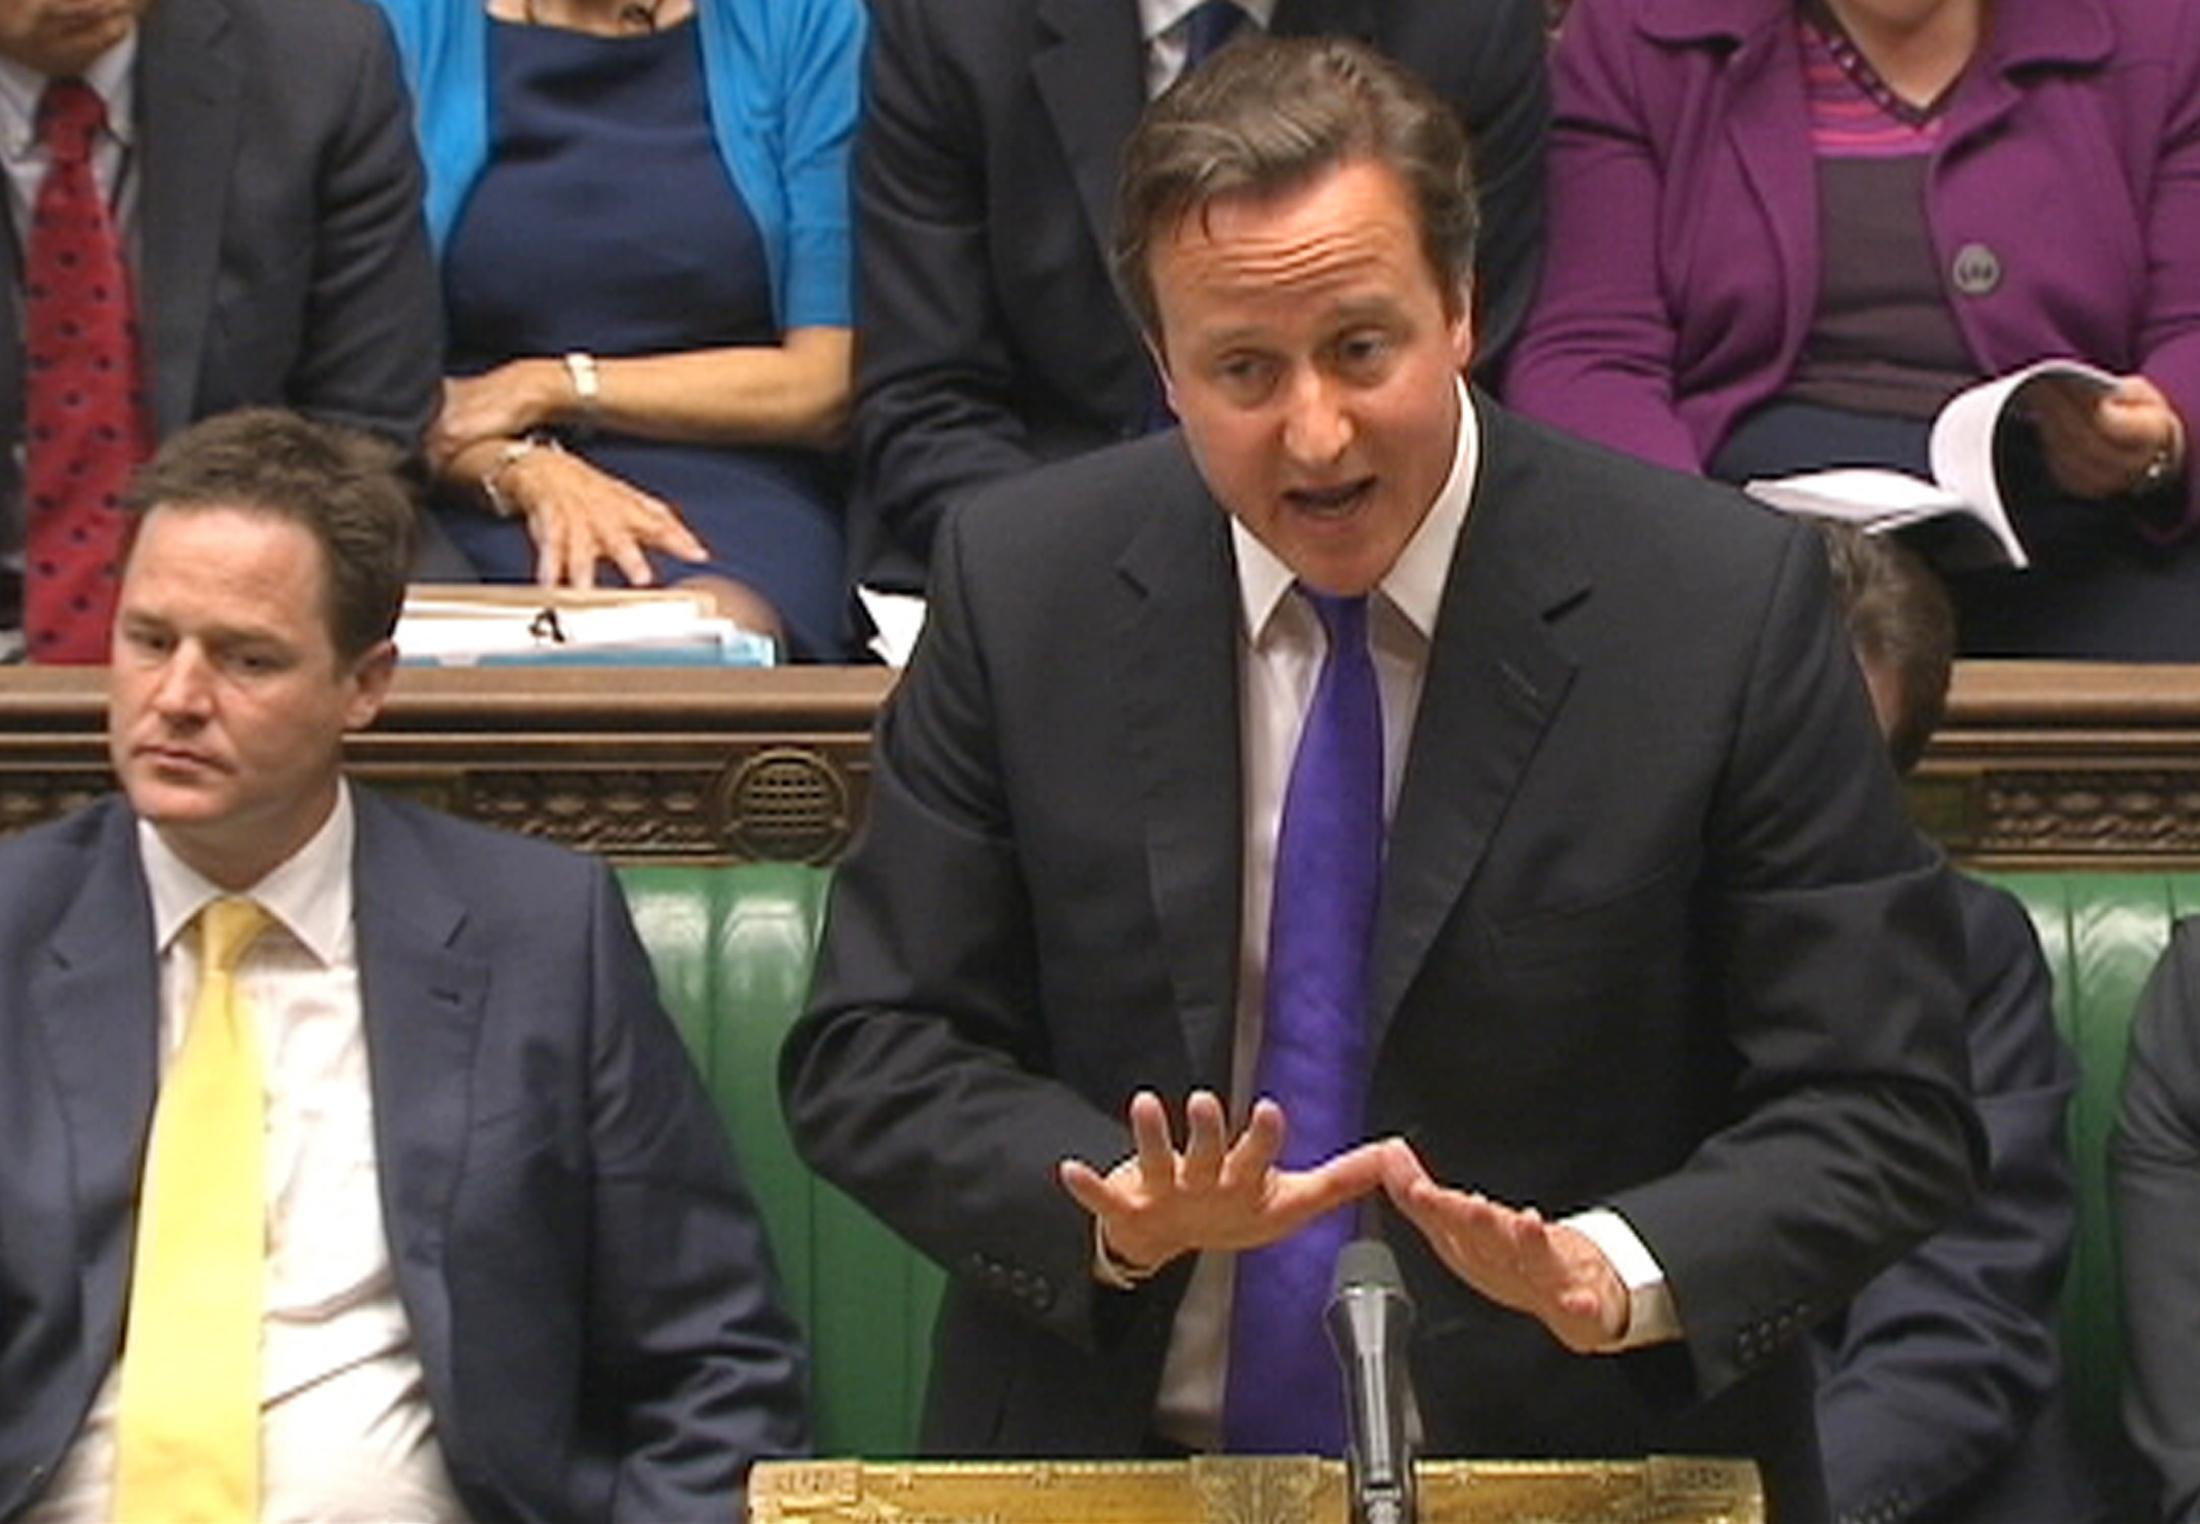 El primer ministro británico David Cameron en el Parlamento hablando sosbre las escuchas ilegales.